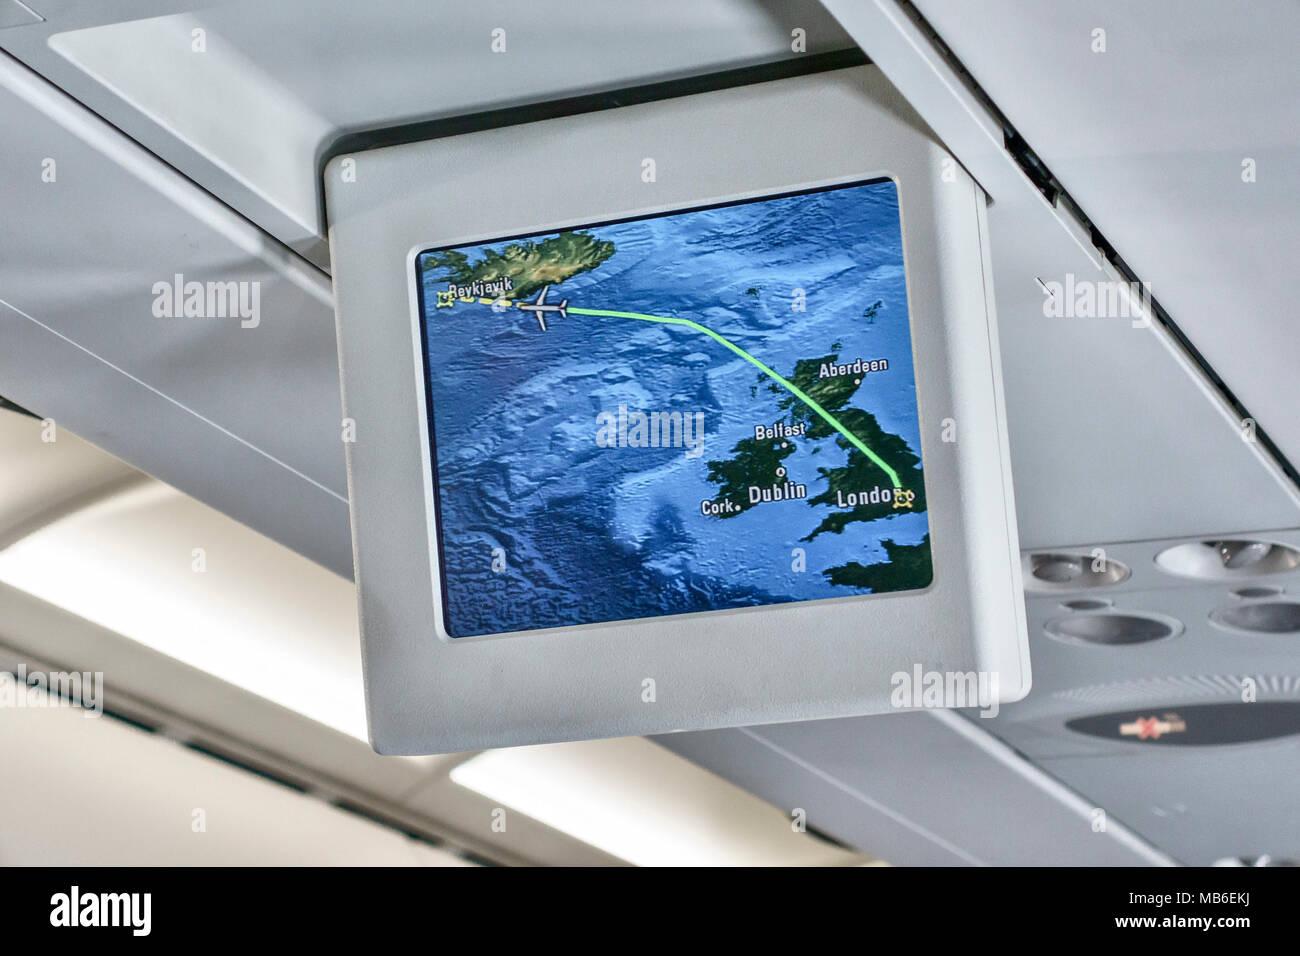 L'intérieur d'un British Airways Airbus A320, montrant un écran affichant la trajectoire de vol de Londres à Reykjavik Photo Stock